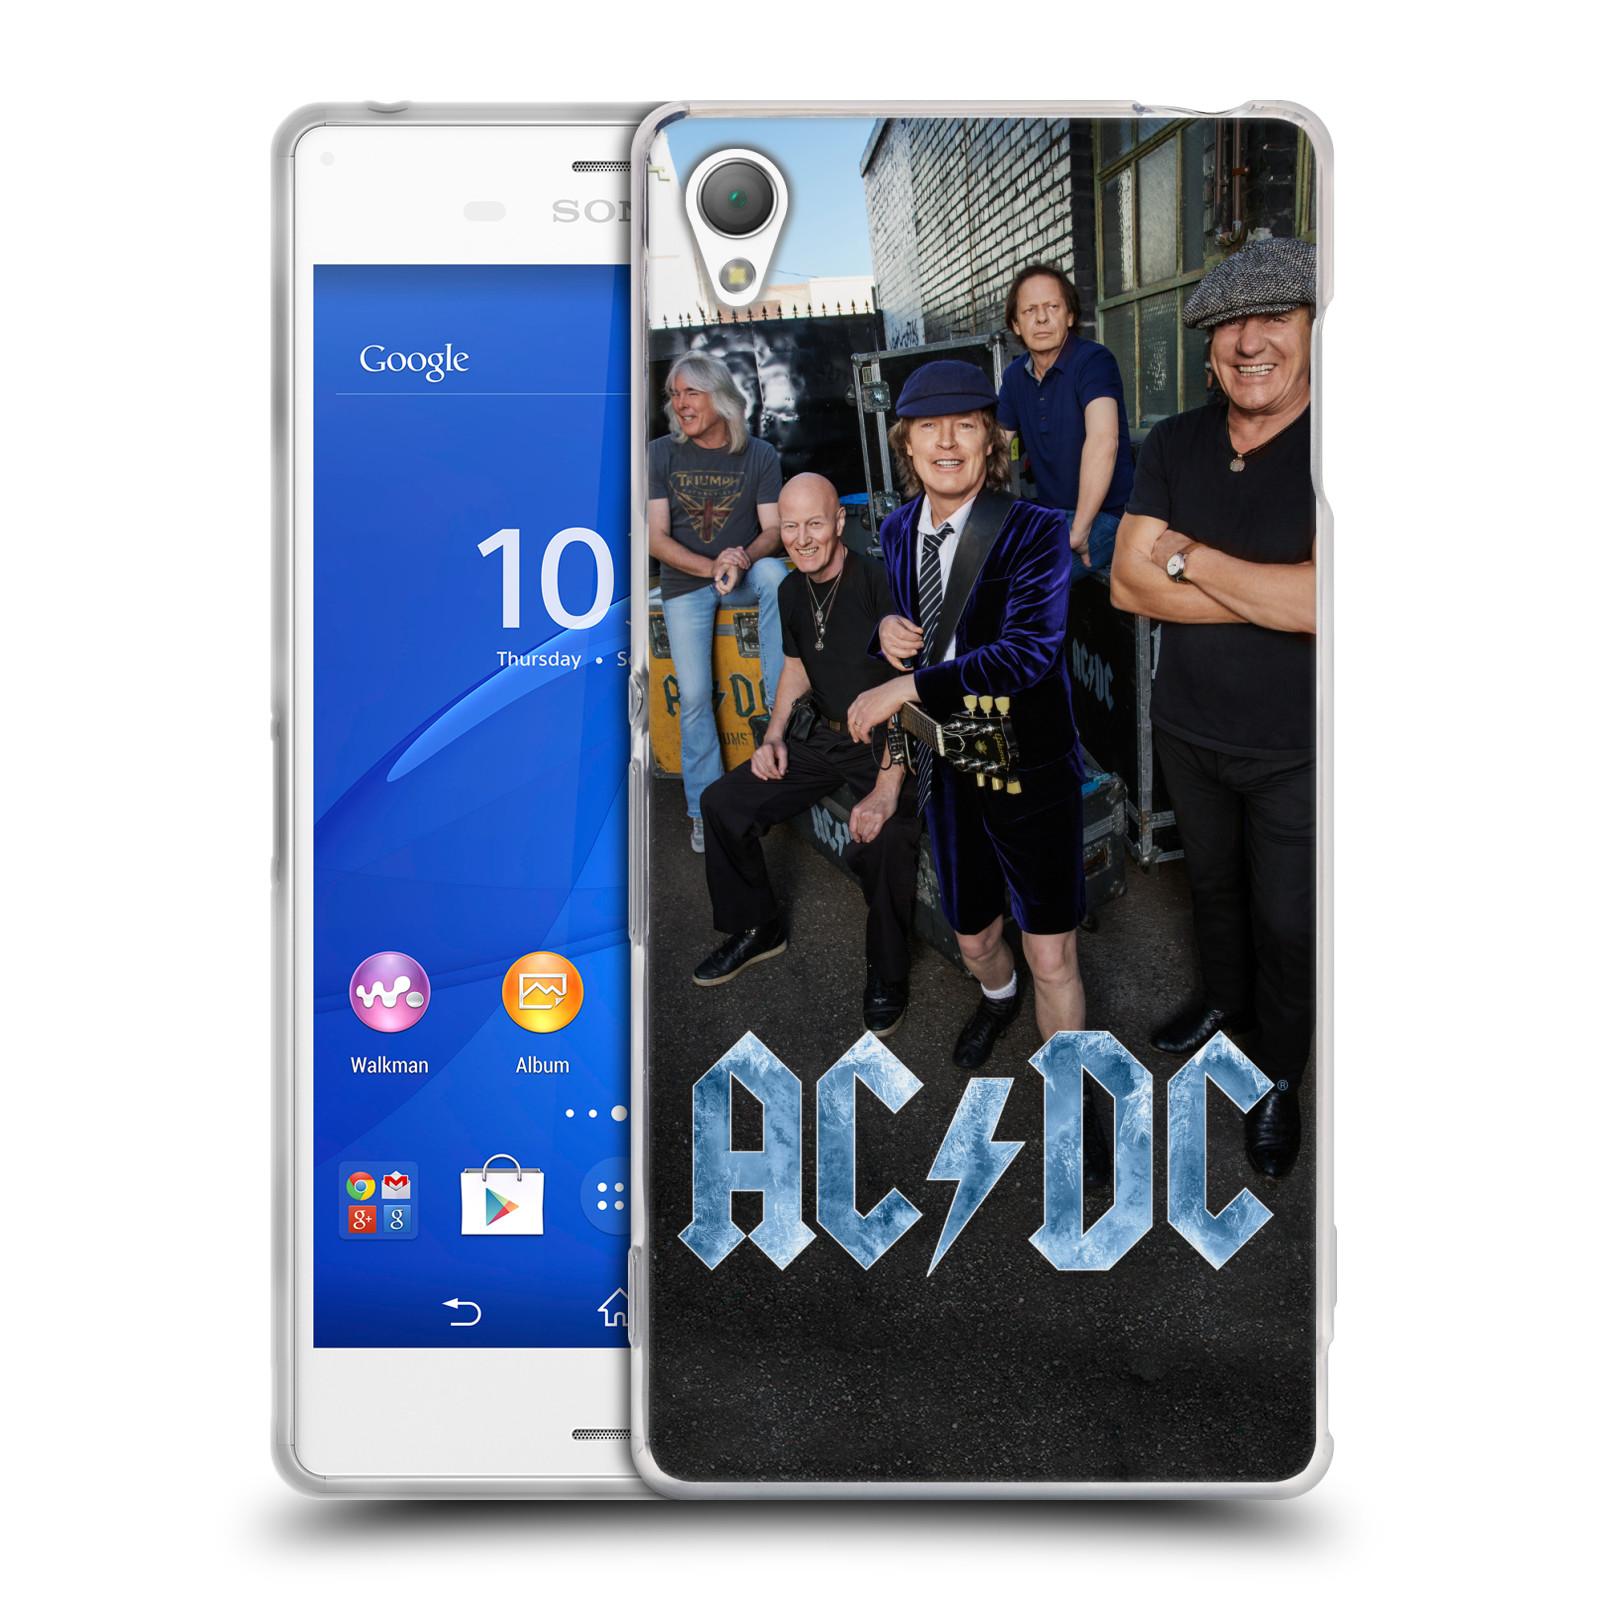 HEAD CASE silikonový obal na mobil Sony Xperia Z3 rocková skupina ACDC fotka garáž